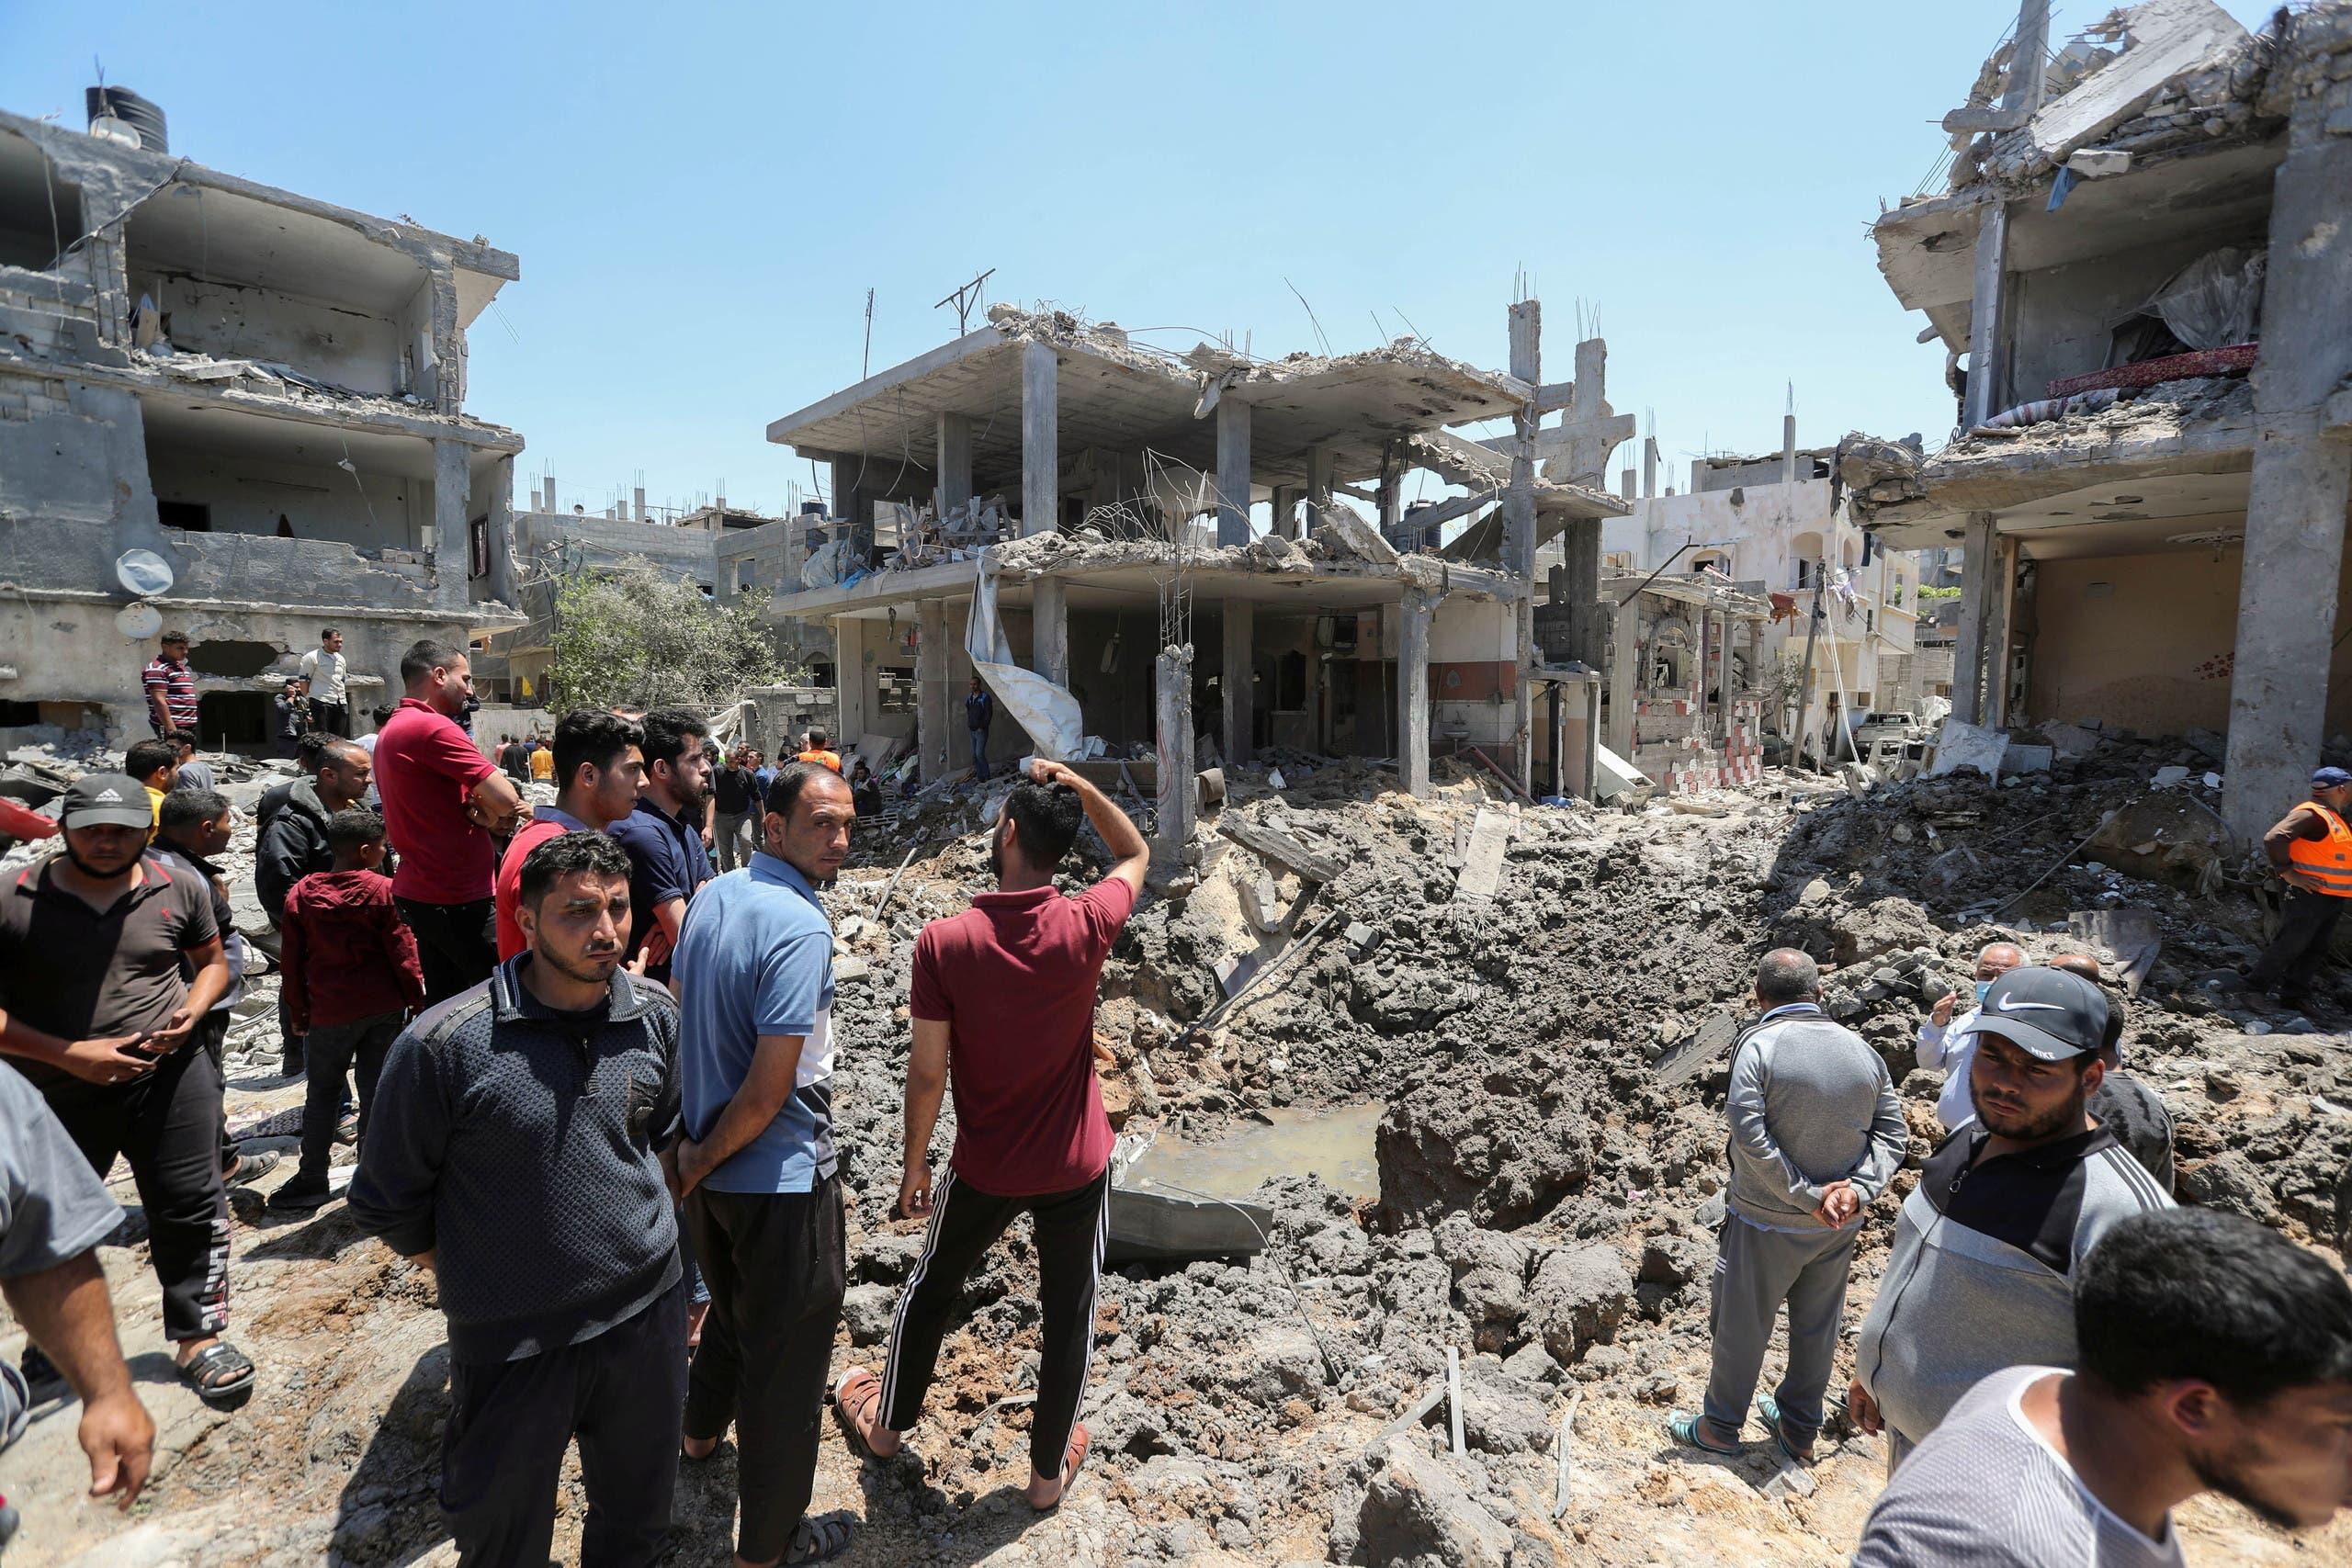 دمار إثر القصف الإسرائيلي على غزة  (رويترز)